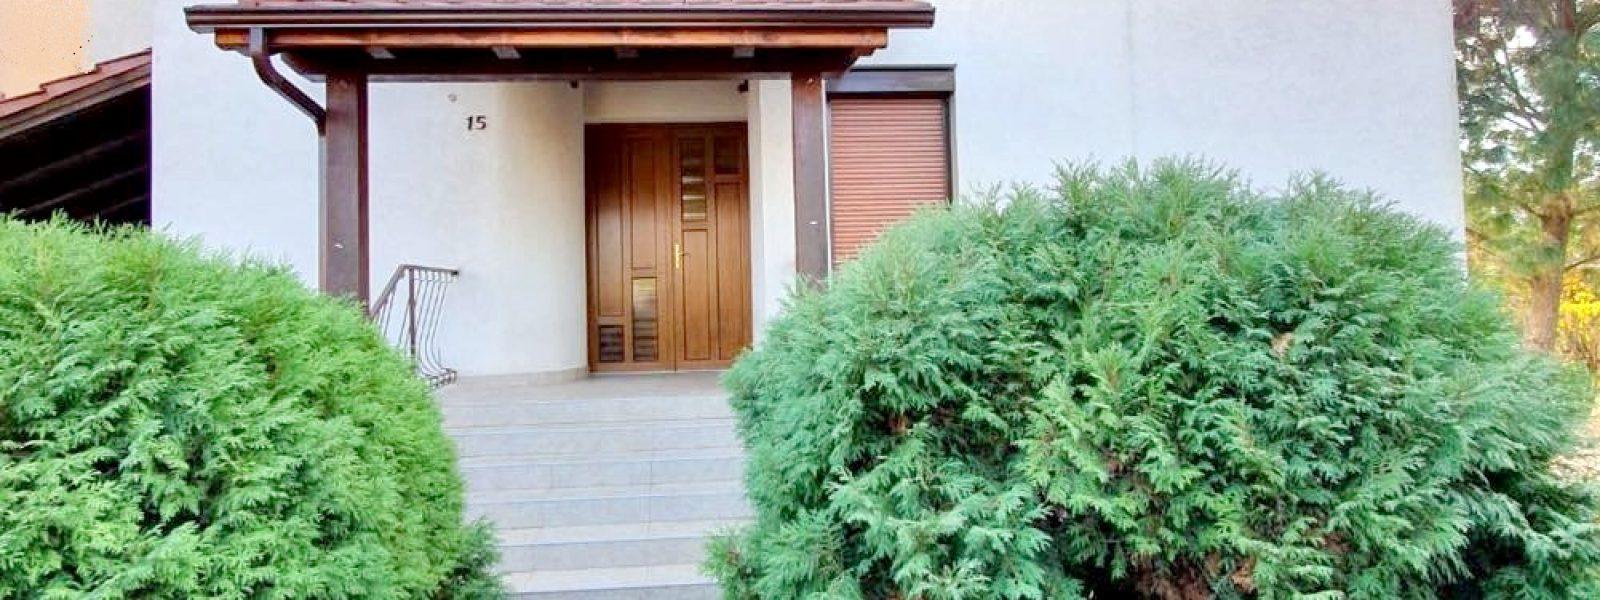 Casa cu 1000 mp teren, Cetate zona Kaufland, pozitie excelenta, zona buna!!!